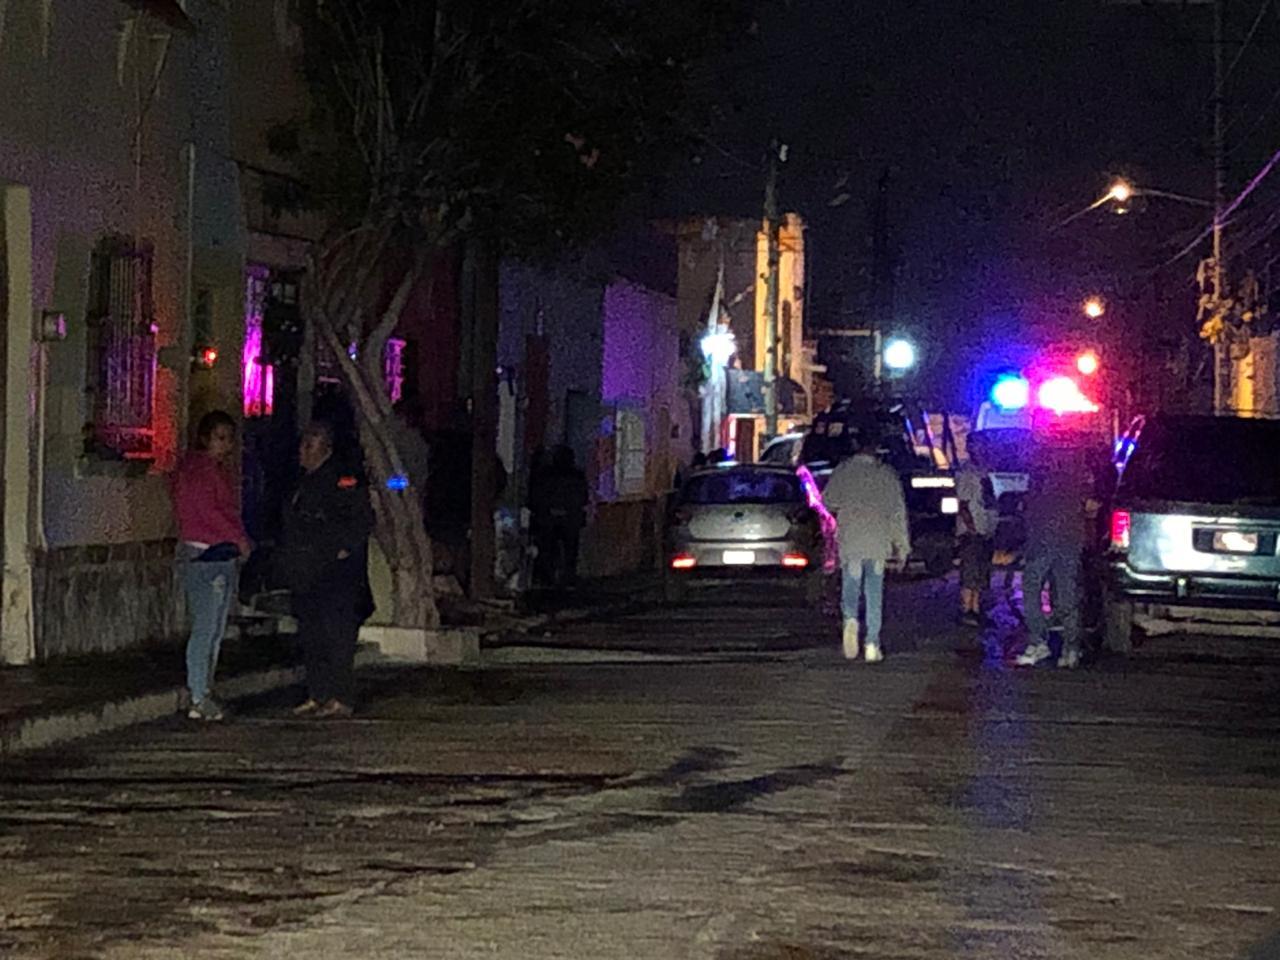 Hombre muere quemado en el interior de una casa abandonada en la Colonia Independencia